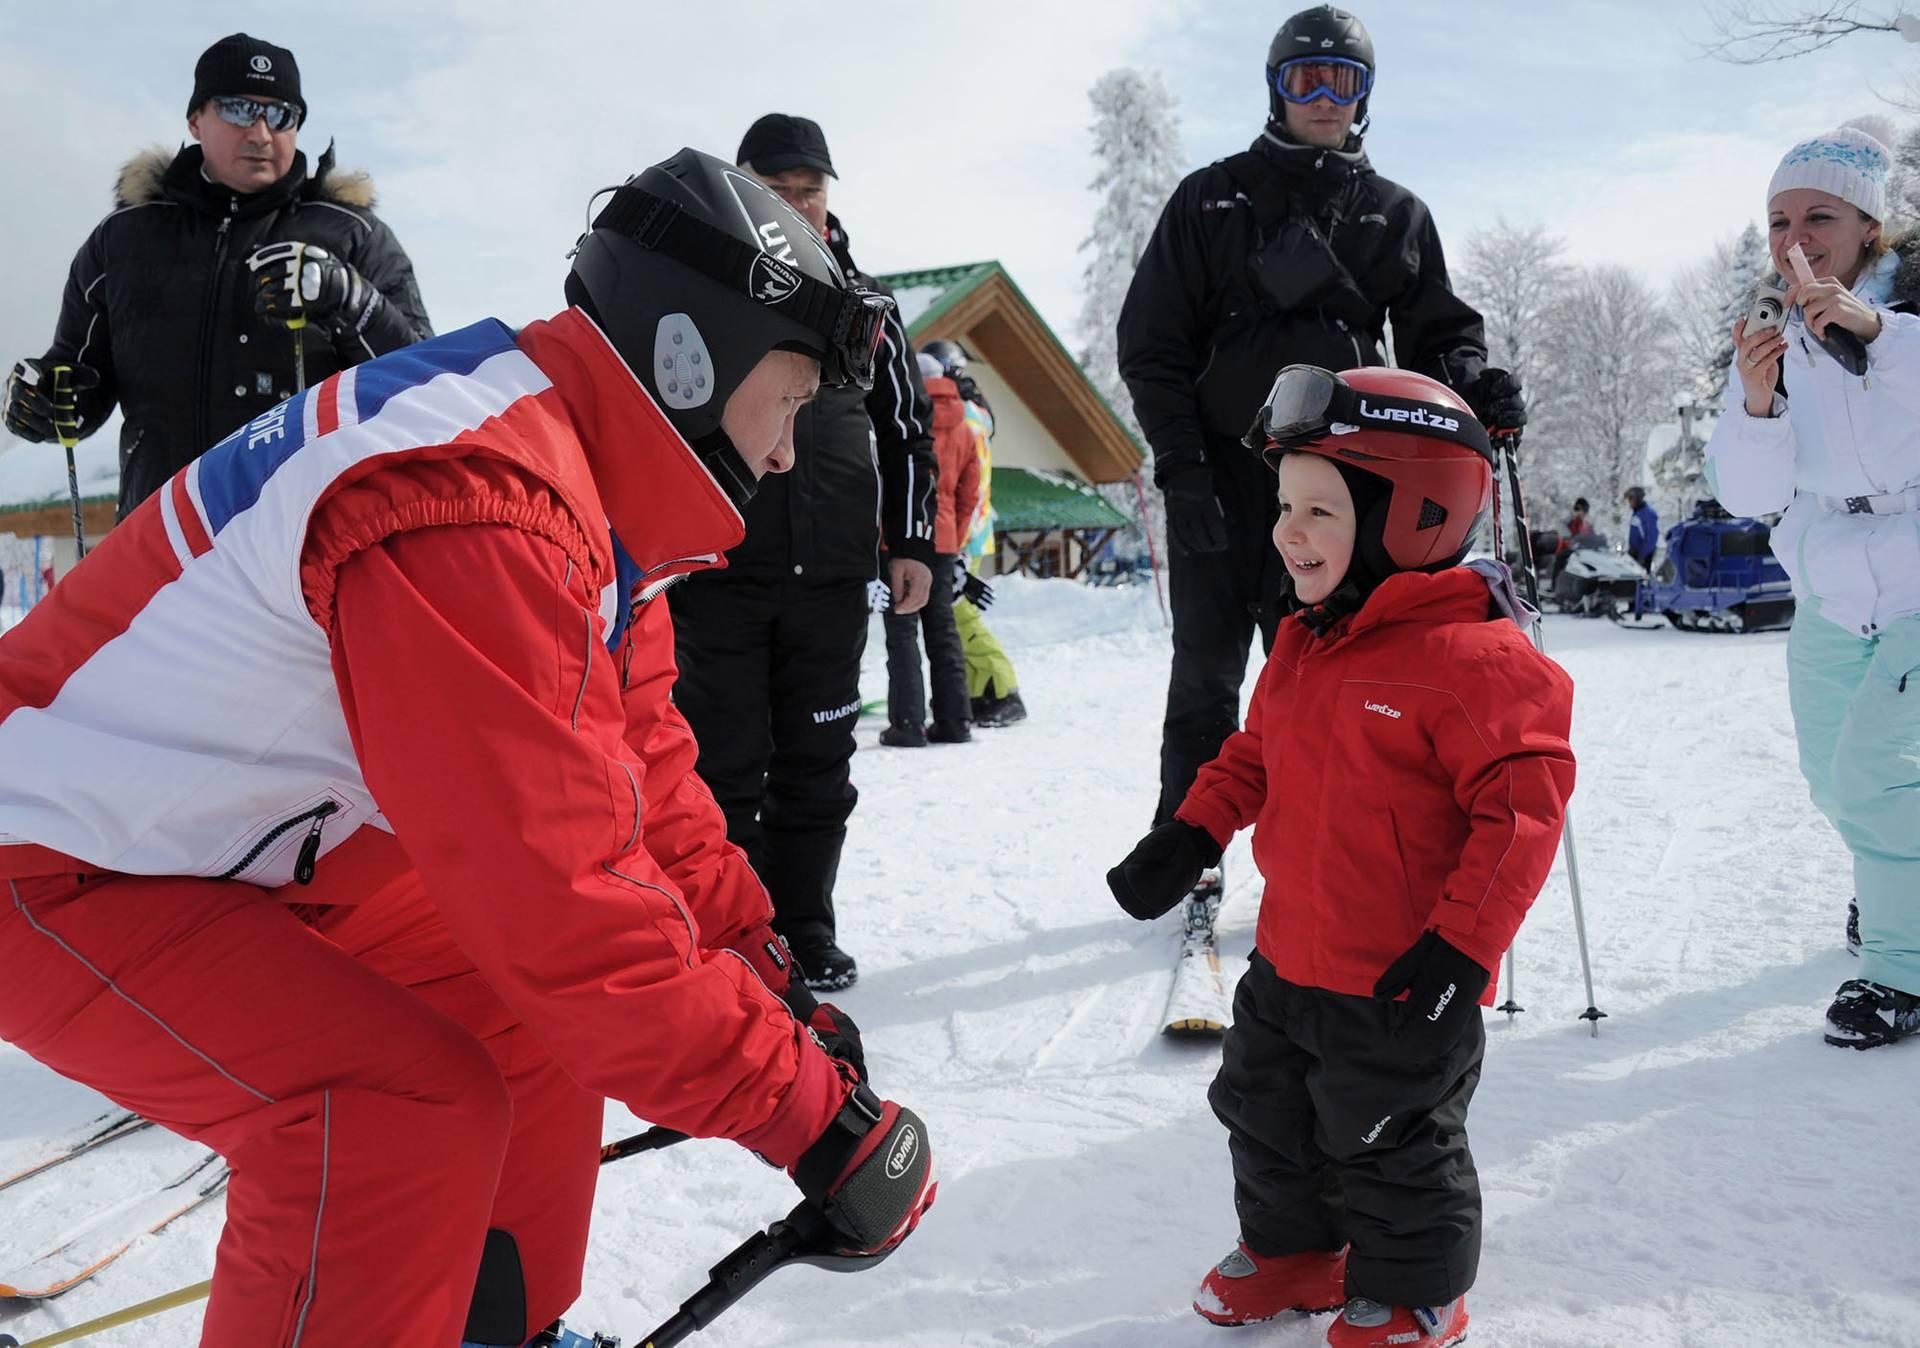 Президент Росії Володимир Путін (ліворуч) розмовляє з дитиною, коли готується до катання на гірськолижному курорті «Червона Поляна» у Сочі, Росія, 8 березня 2012 року